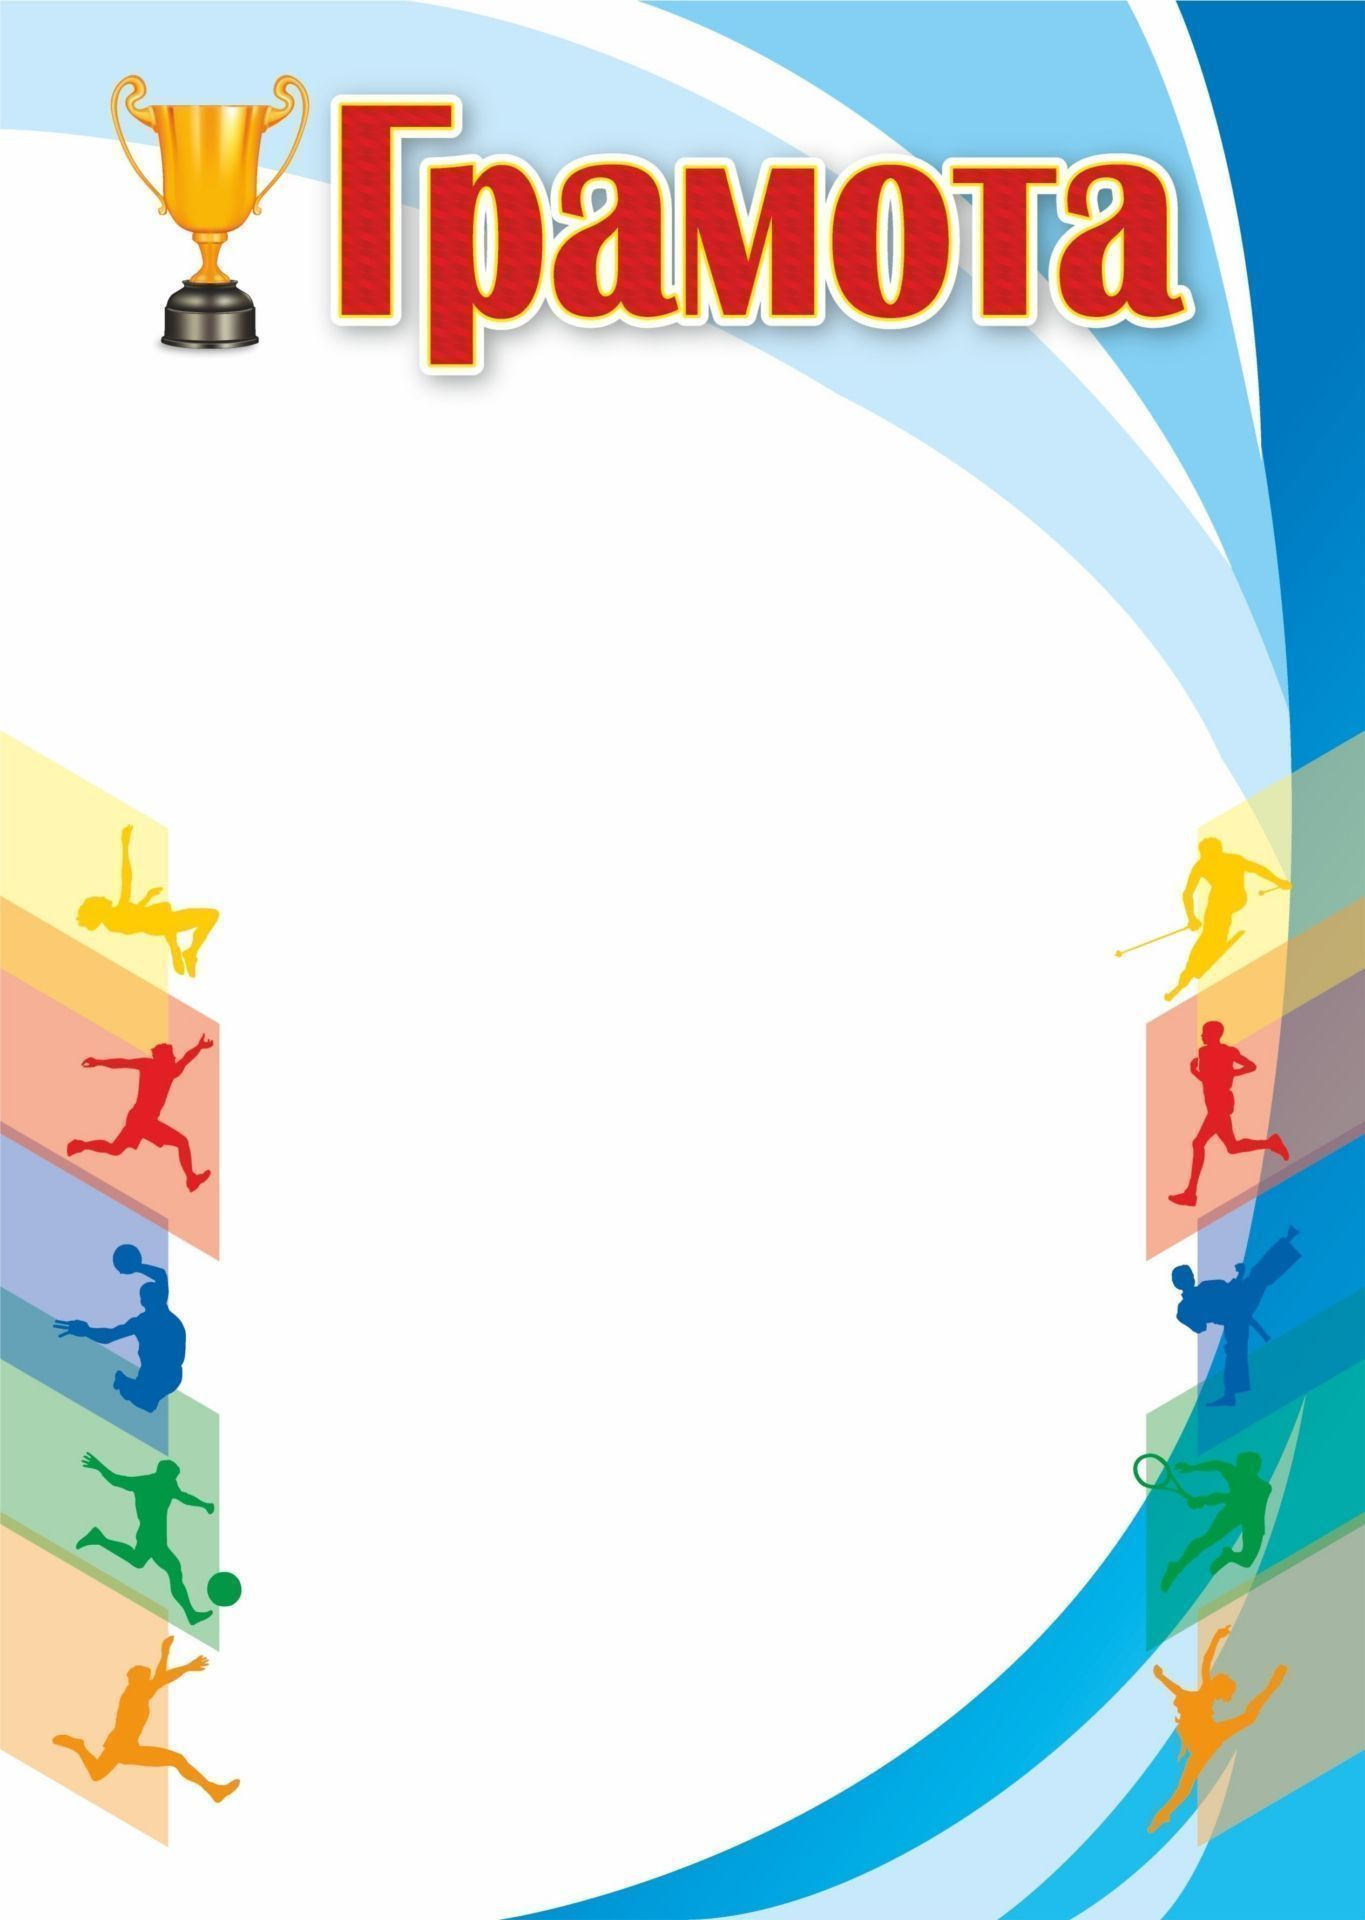 Грамота (спорт)За спортивные достижения<br>Материалы:иллюстрации - бумага мелованная, пл. 250.00.<br><br>Год: 2017<br>Высота: 297<br>Ширина: 210